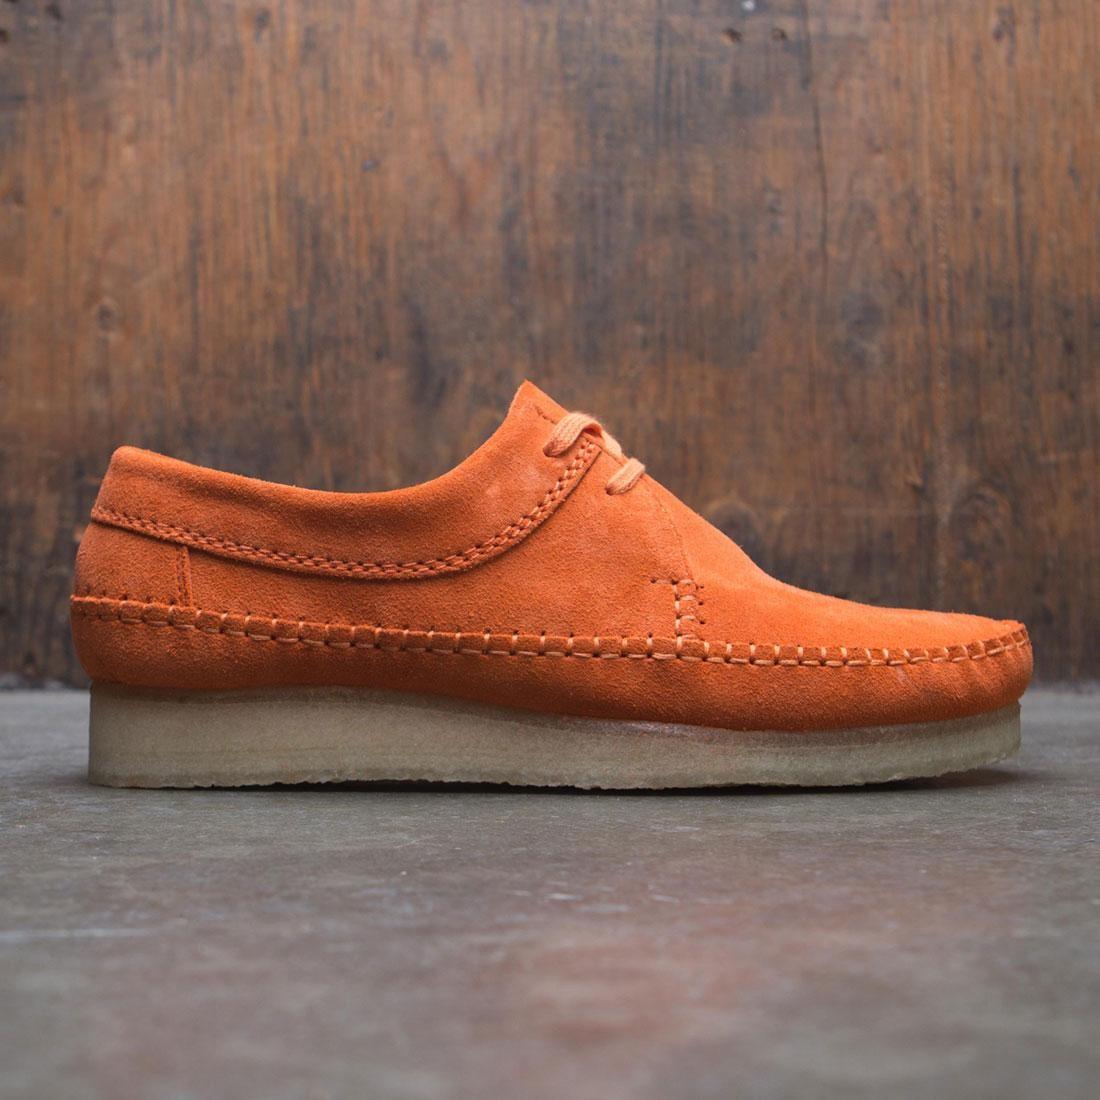 【海外限定】クラークス スエード スウェード メンズ靴 スニーカー 【 CLARKS MEN WEAVER SUEDE ORANGE SPICE 】